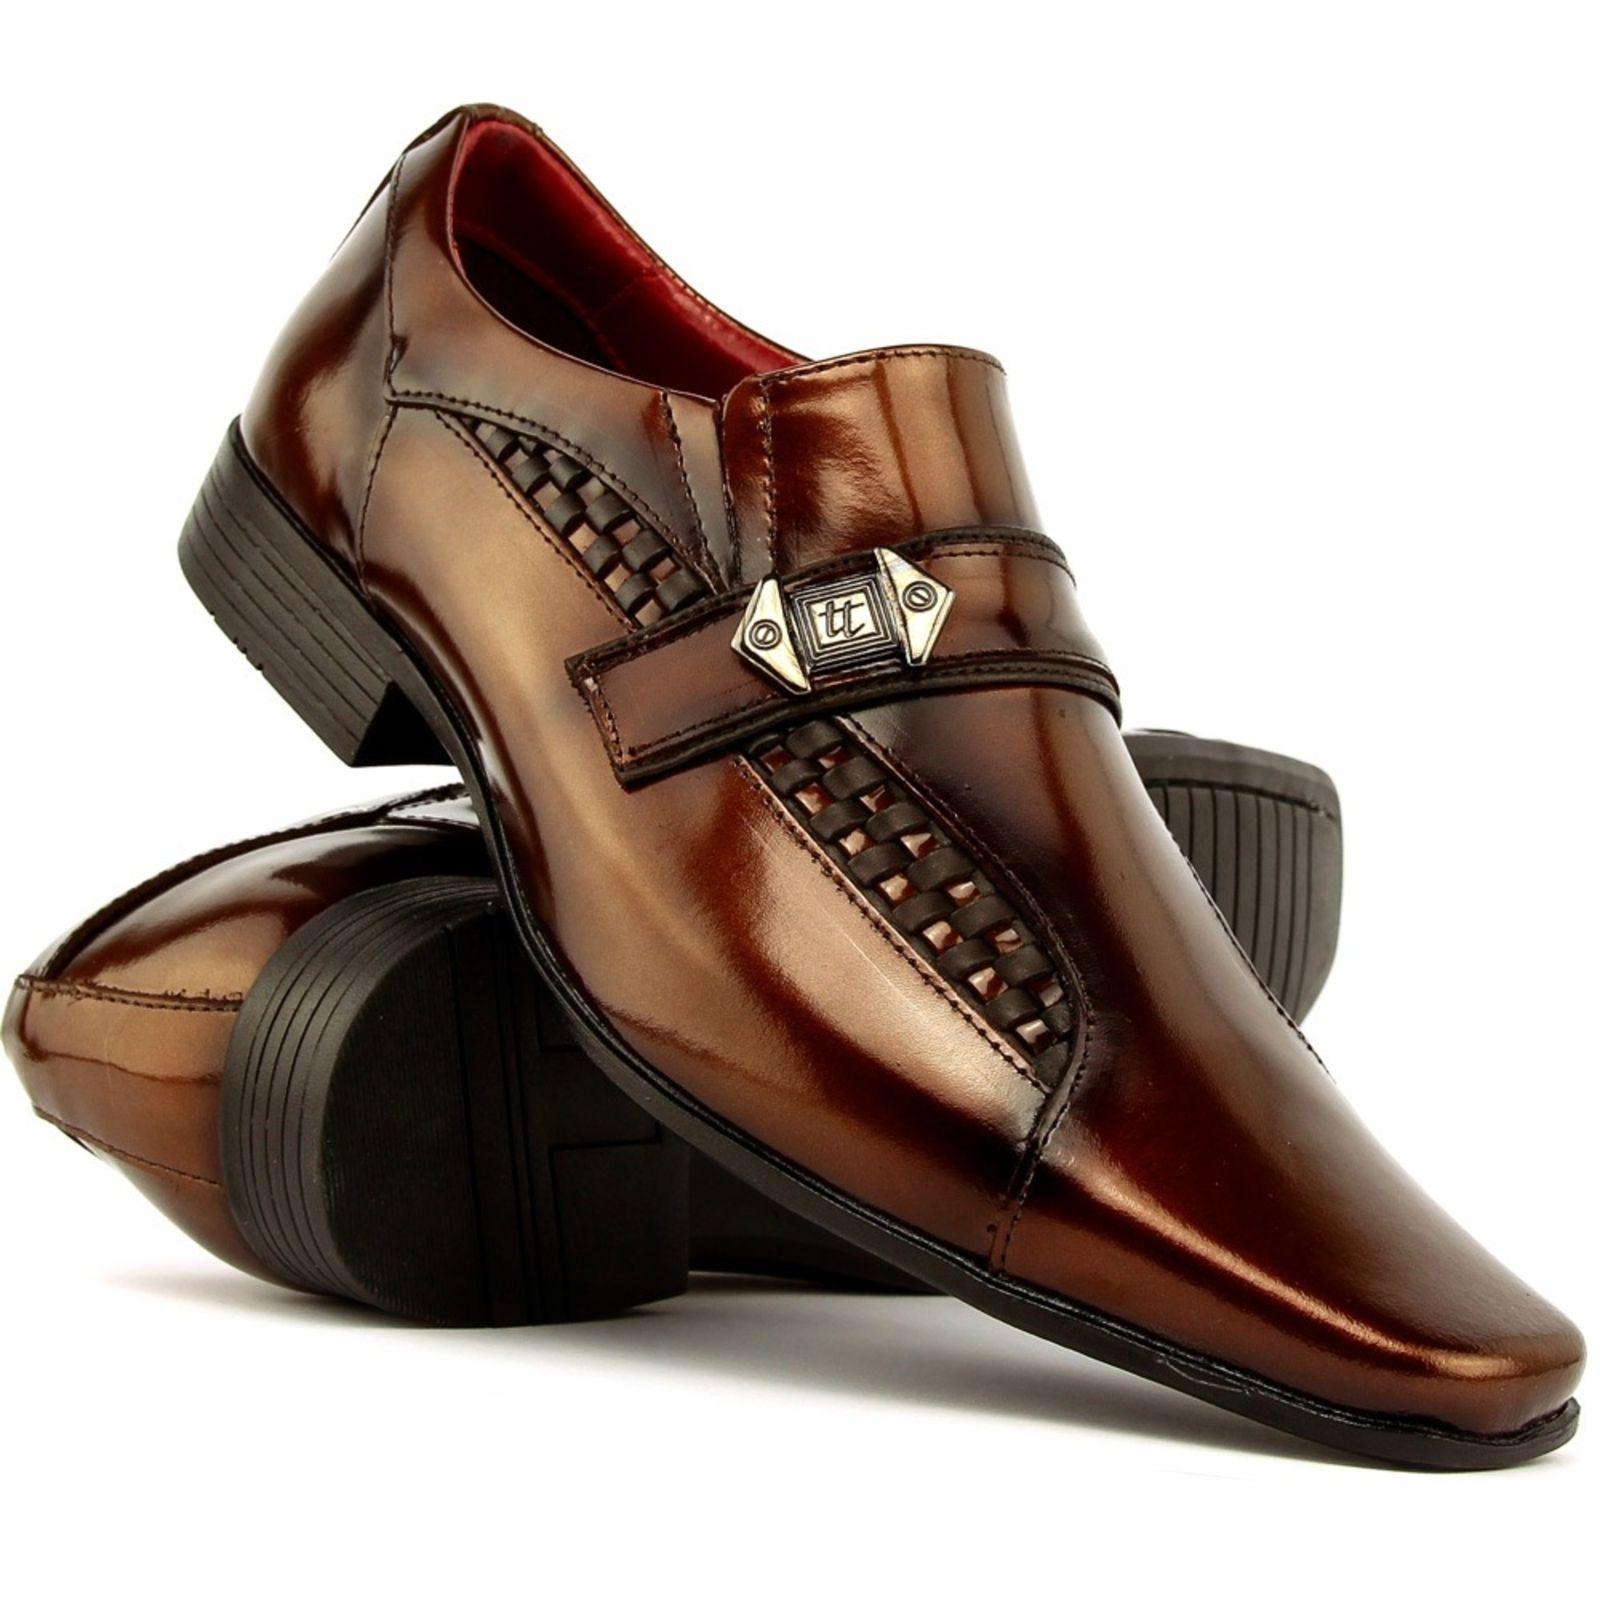 8f4ac9f1e Sapato Social em Couro Envernizado SapatoFran Bico Fino Cedro Confortável